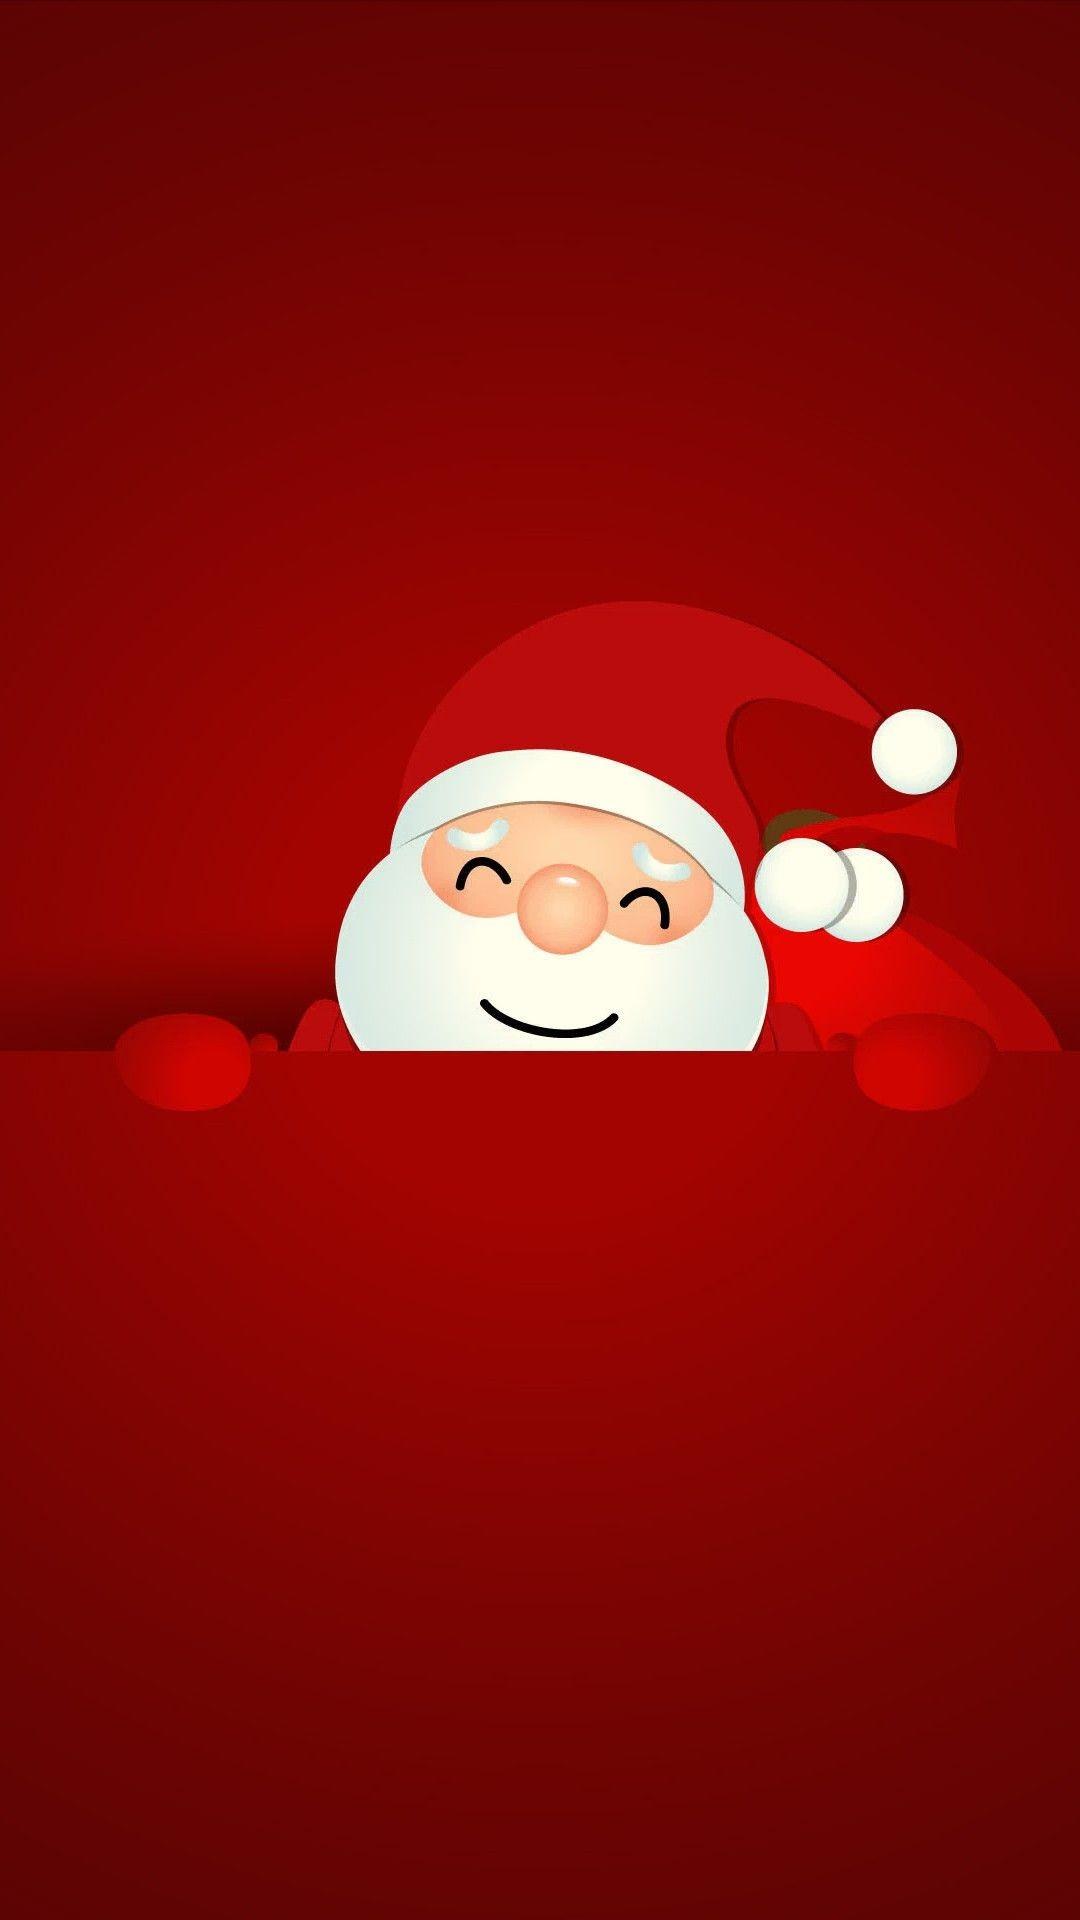 Lustige Weihnachtsgrüße Mail.Lustige Weihnachtsgrüße Bilder